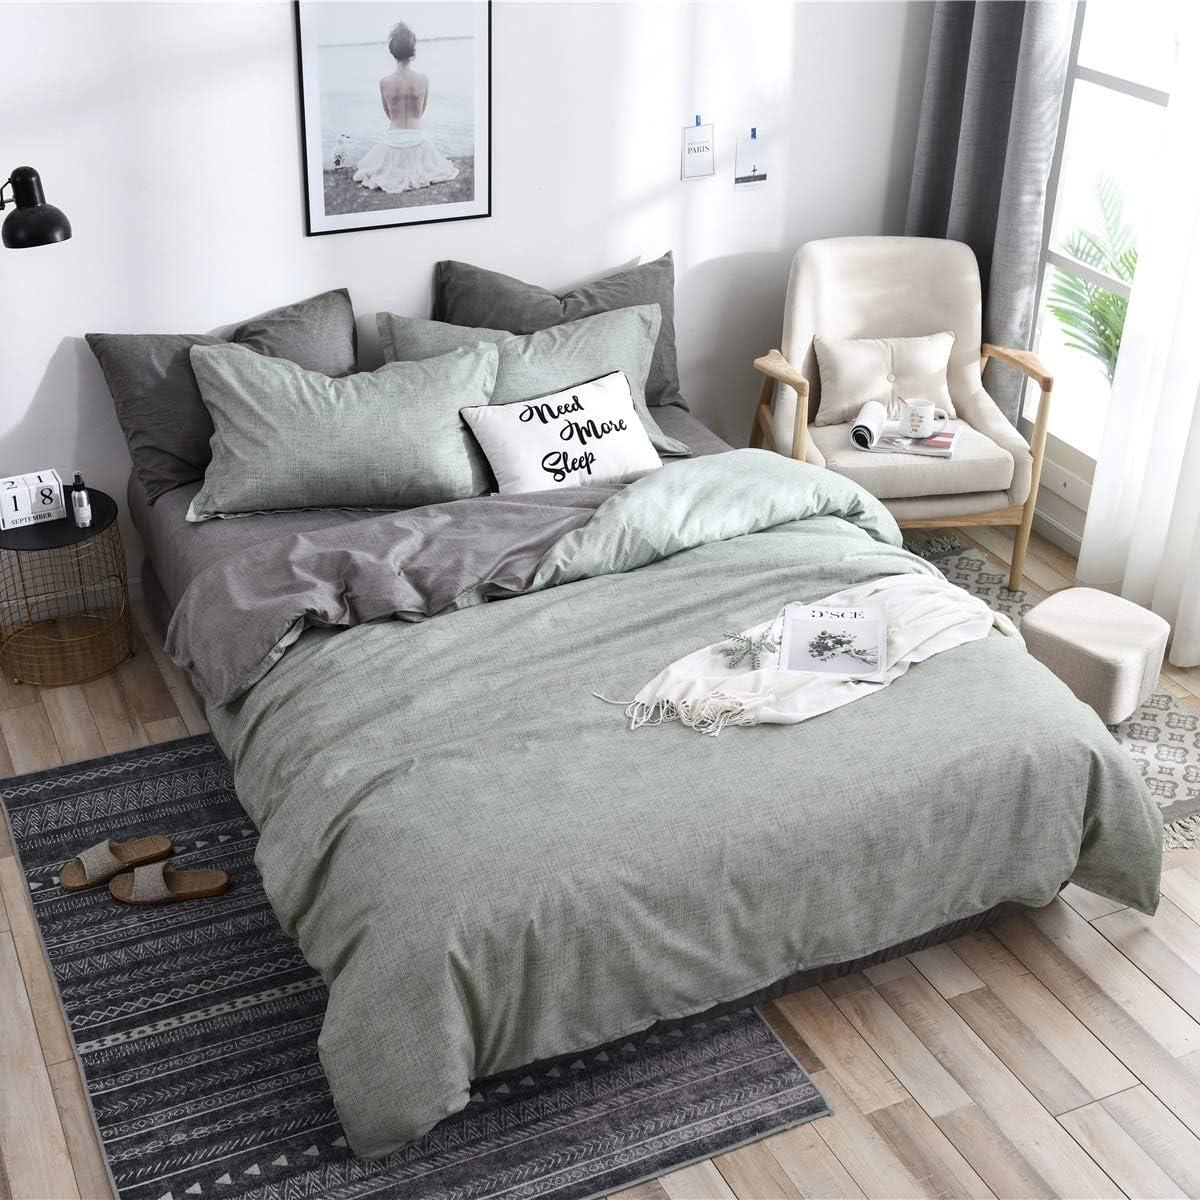 QZY Baumwolle Bettw/äsche 135x200 cm Grau 2er Set Bettbezug mit Kopfkissenbezug 80x80 cm